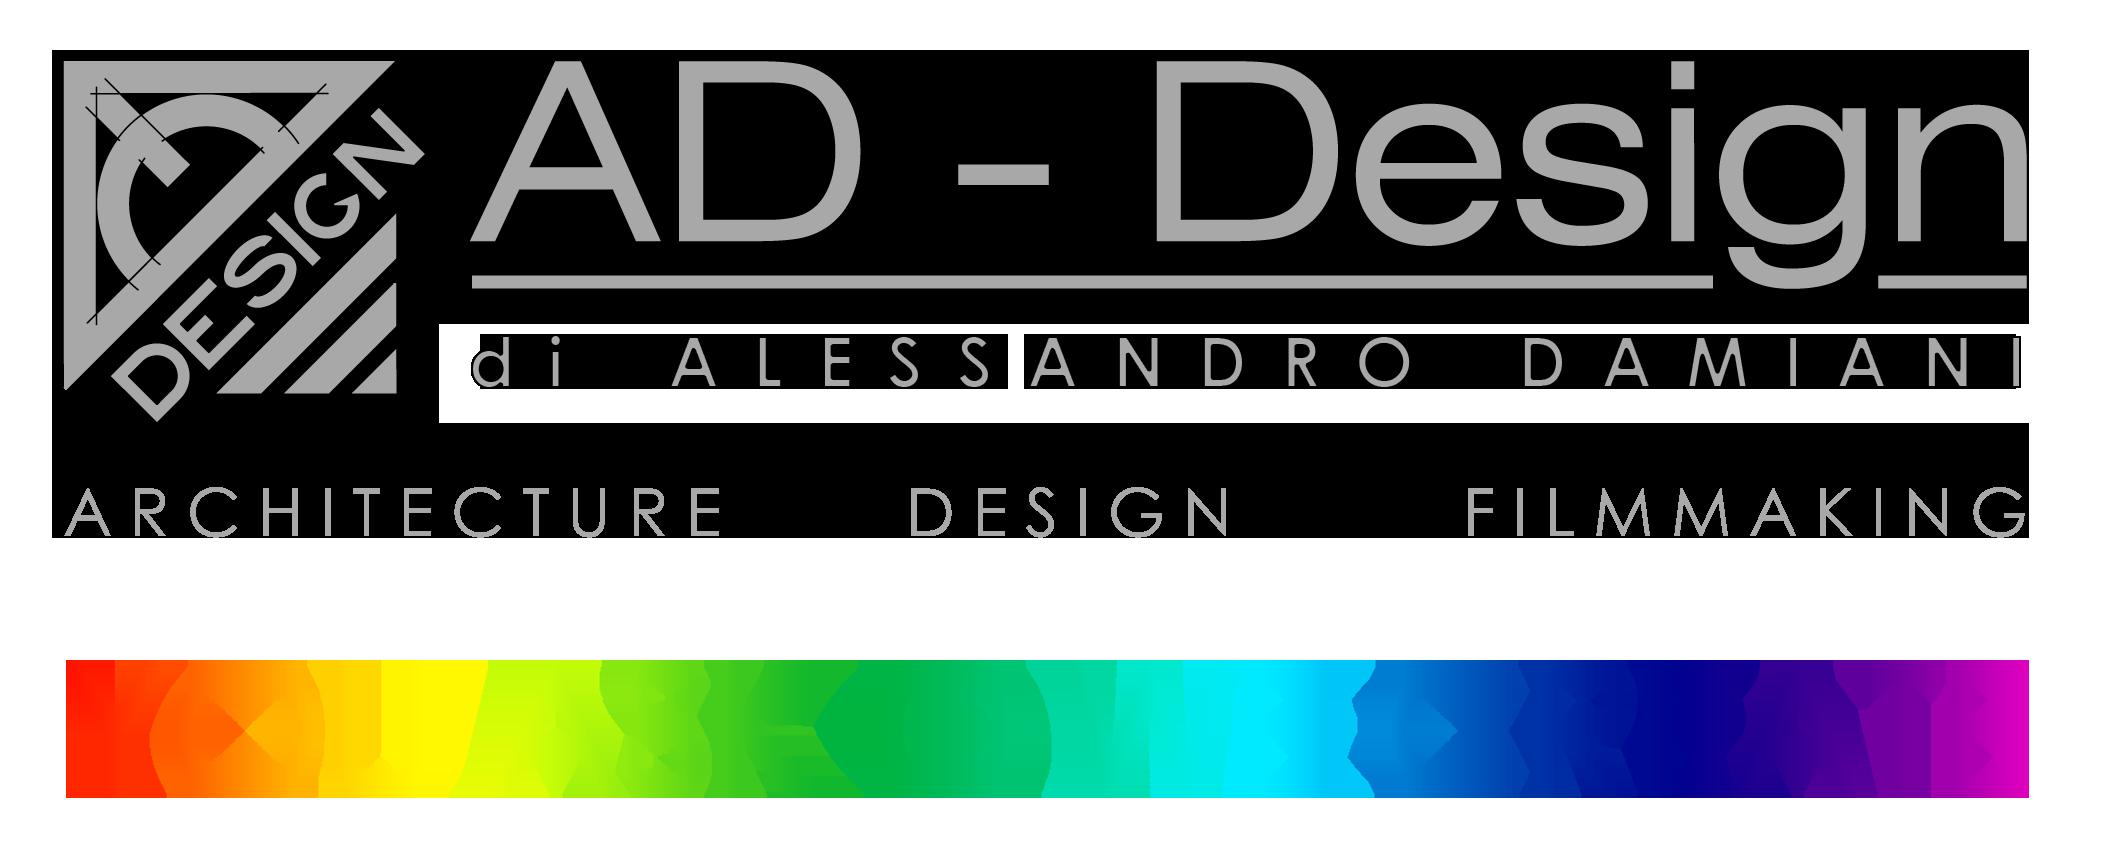 AD - Design di Alessandro Damiani